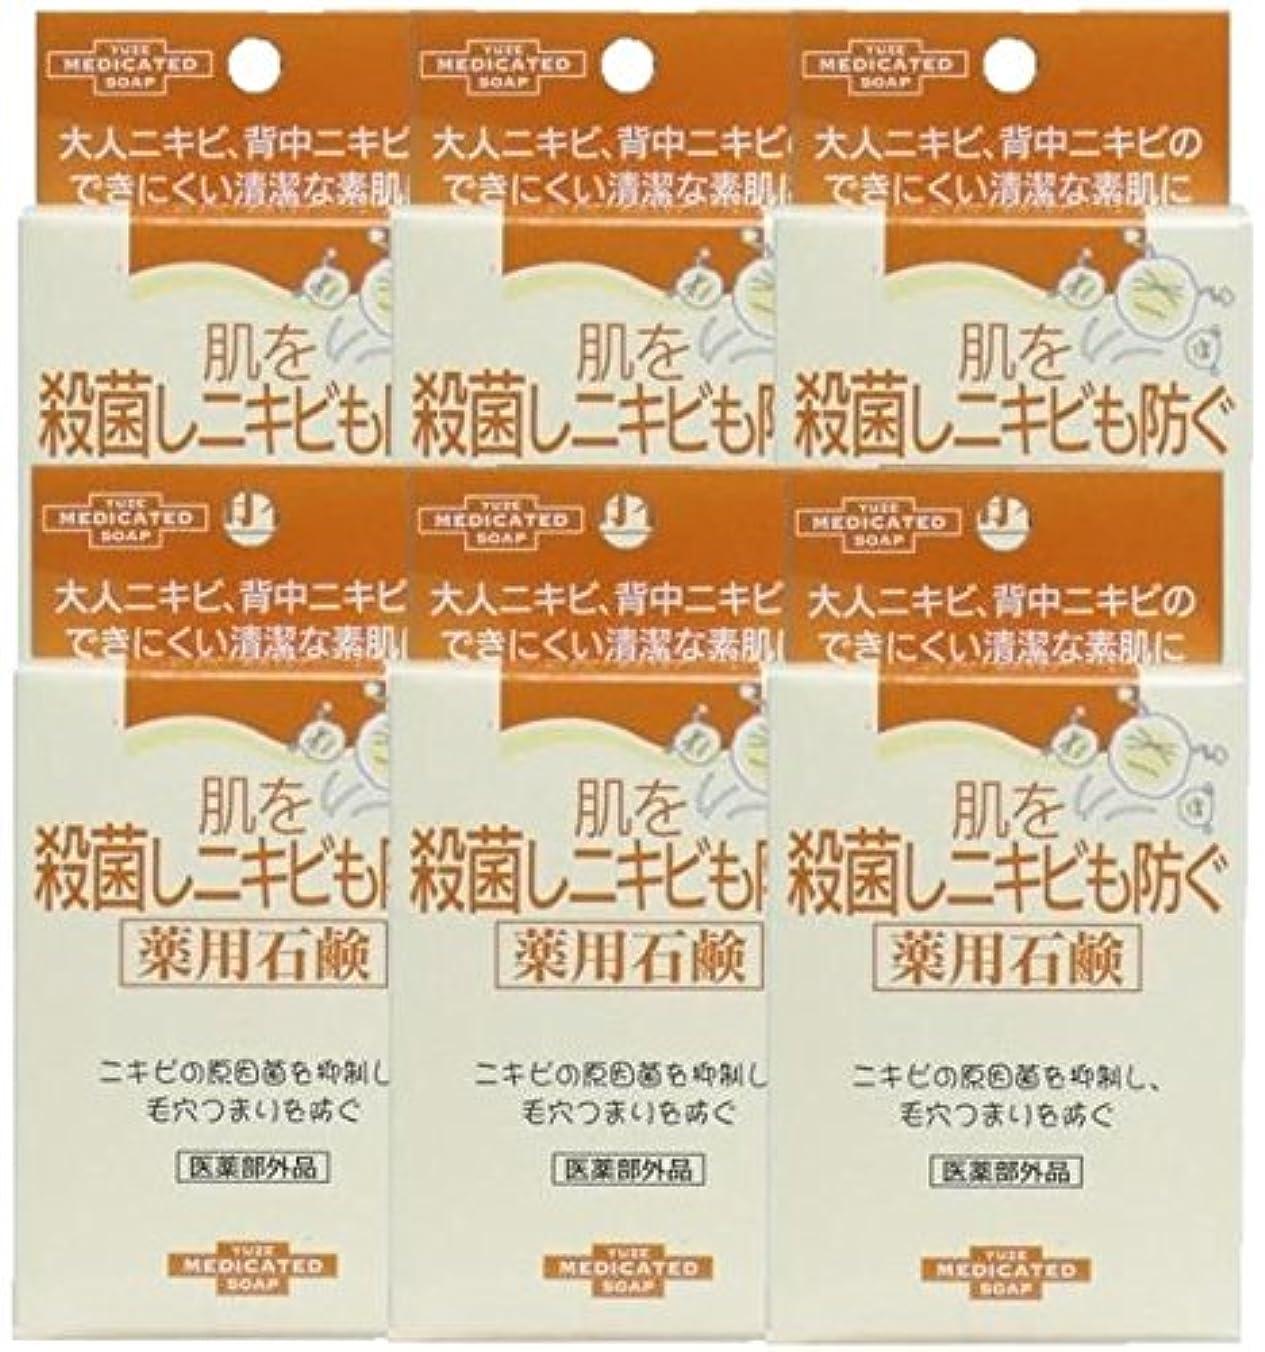 飾る代理人症状ユゼ 肌を殺菌しニキビも防ぐ薬用石鹸 (110g)×6個セット